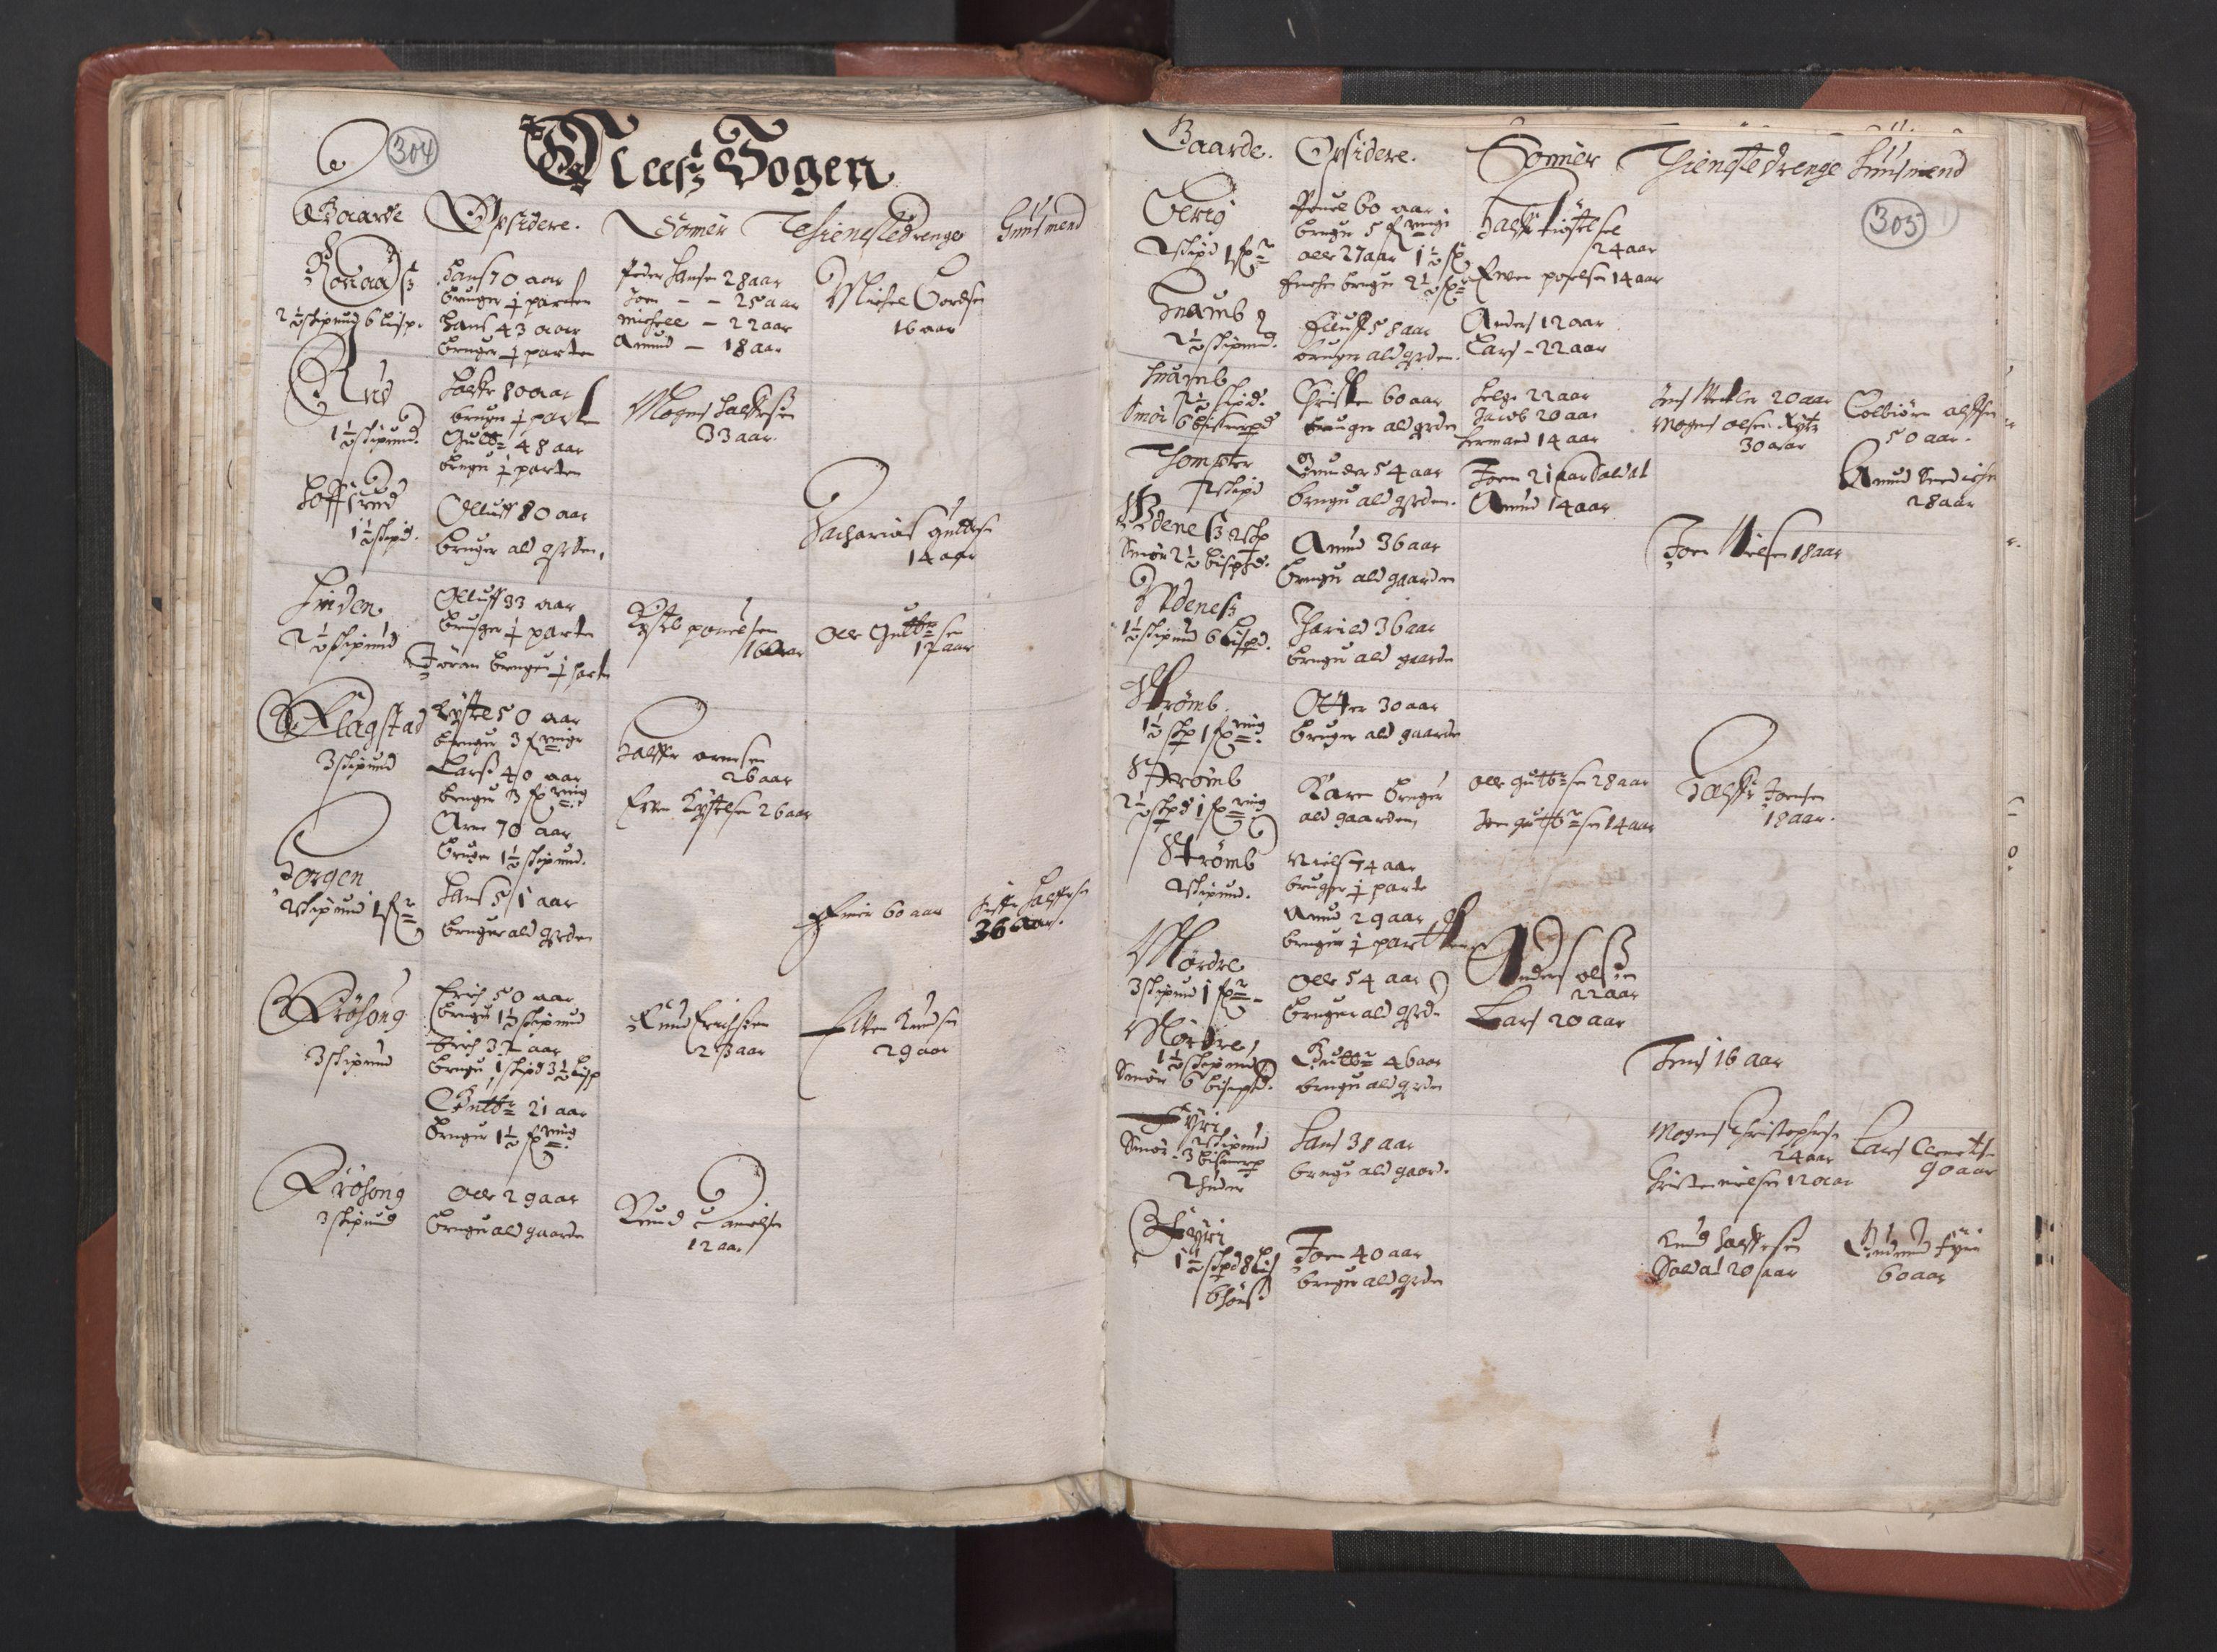 RA, Fogdenes og sorenskrivernes manntall 1664-1666, nr. 2: Aker fogderi, Follo fogderi, Nedre Romerike fogderi og Øvre Romerike fogderi, 1664, s. 304-305